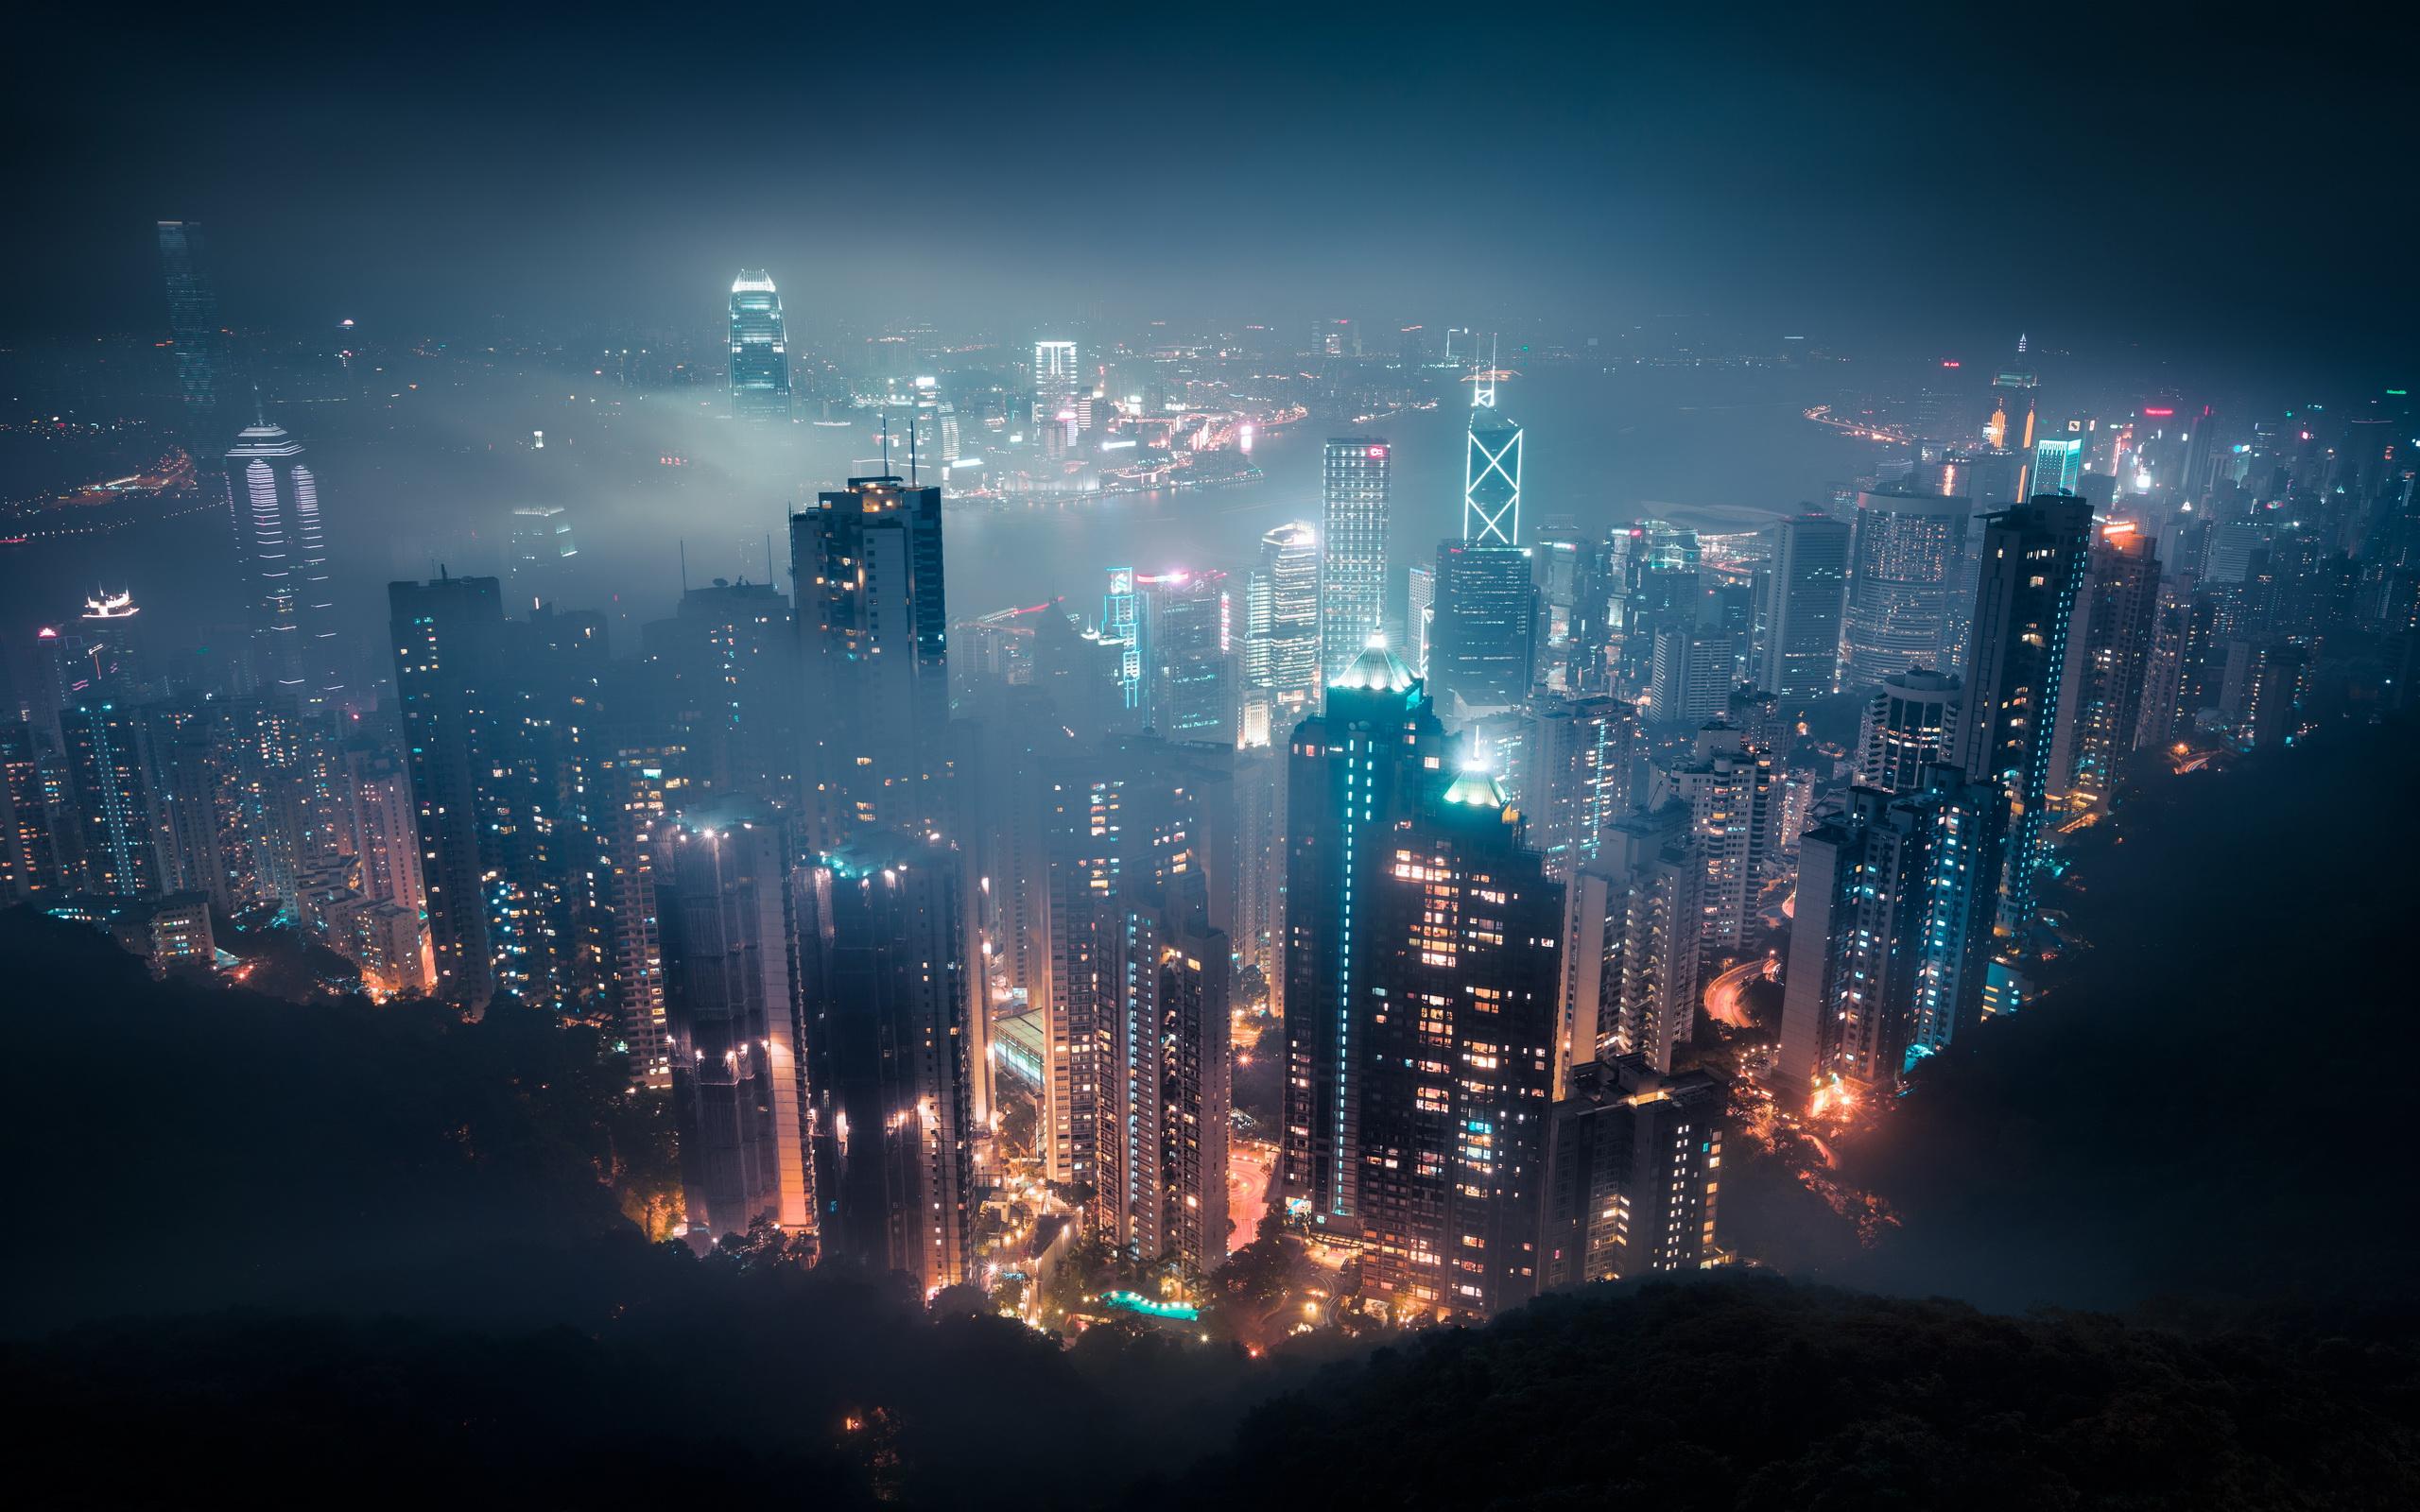 hong kong computer wallpapers desktop backgrounds